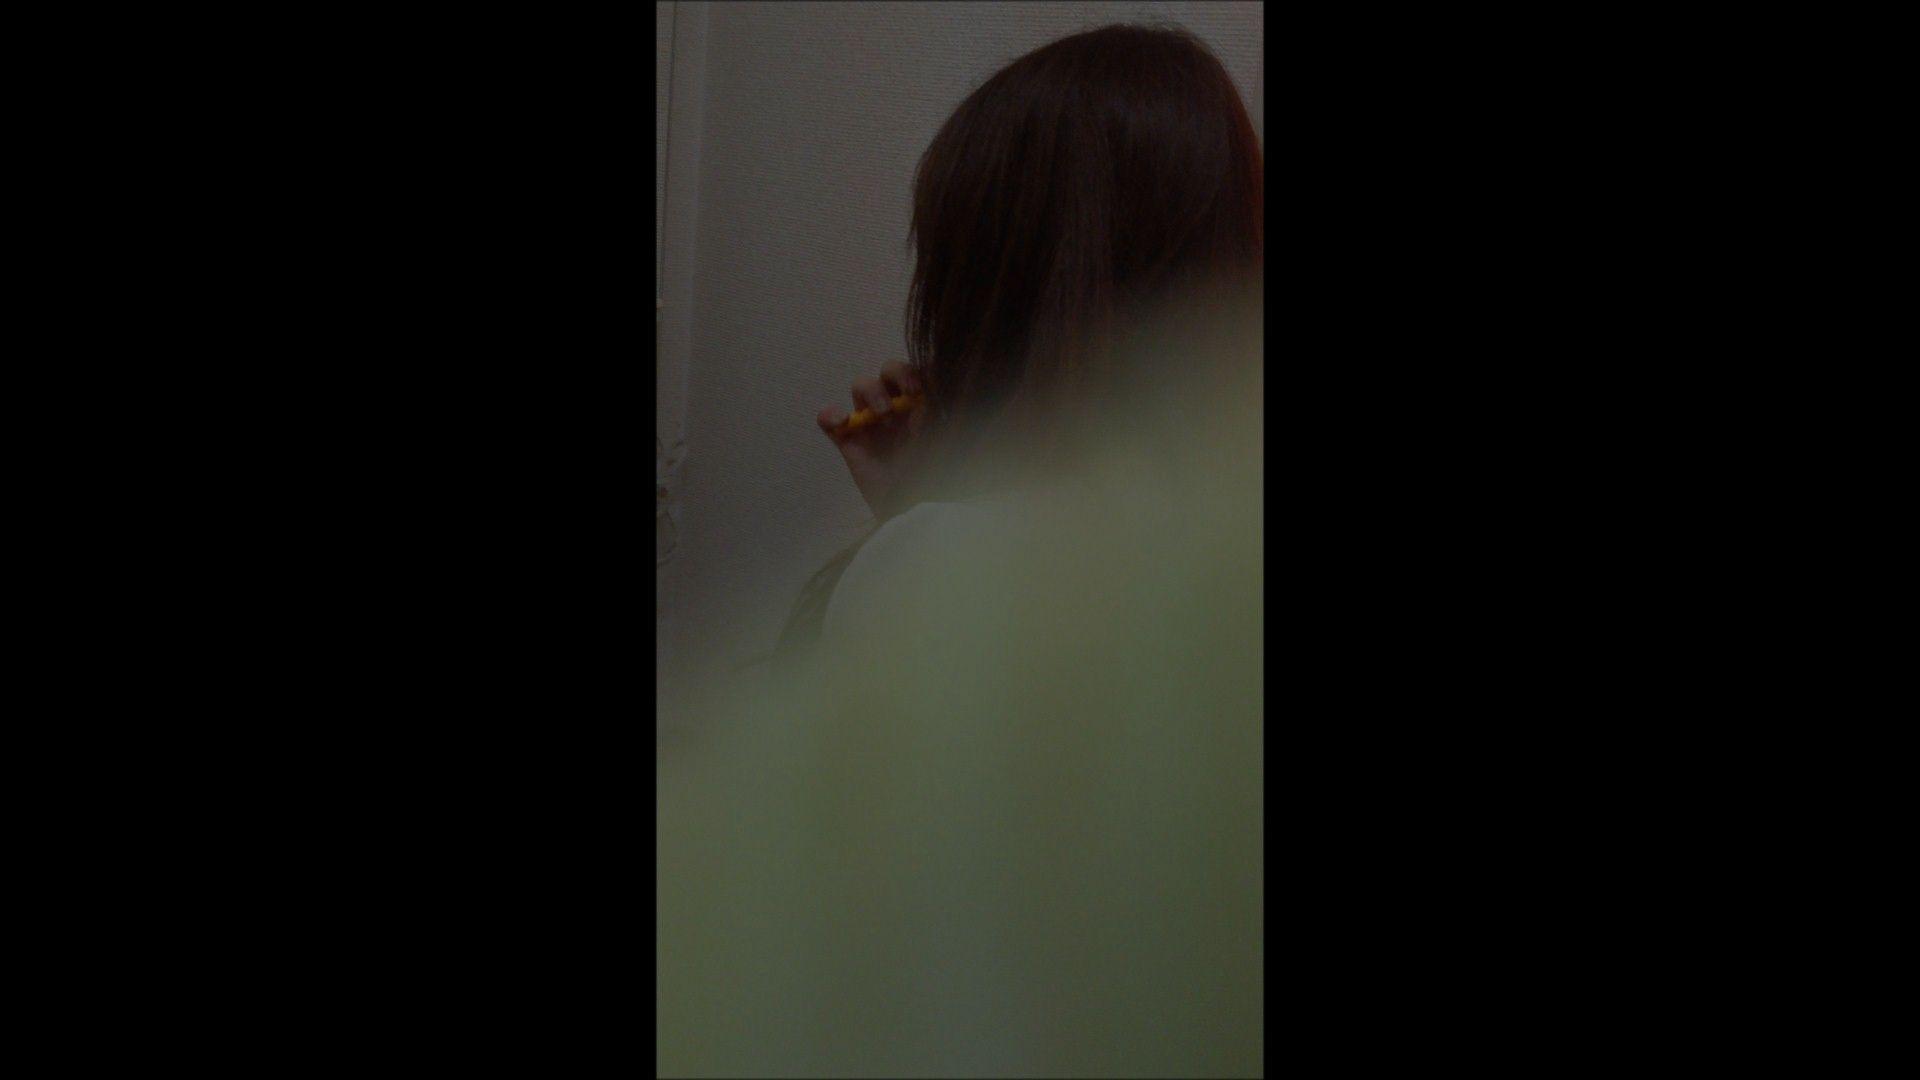 08(8日目)メイク中の彼女の顔を撮りました! いやらしいOL | いやらしい熟女  51連発 33